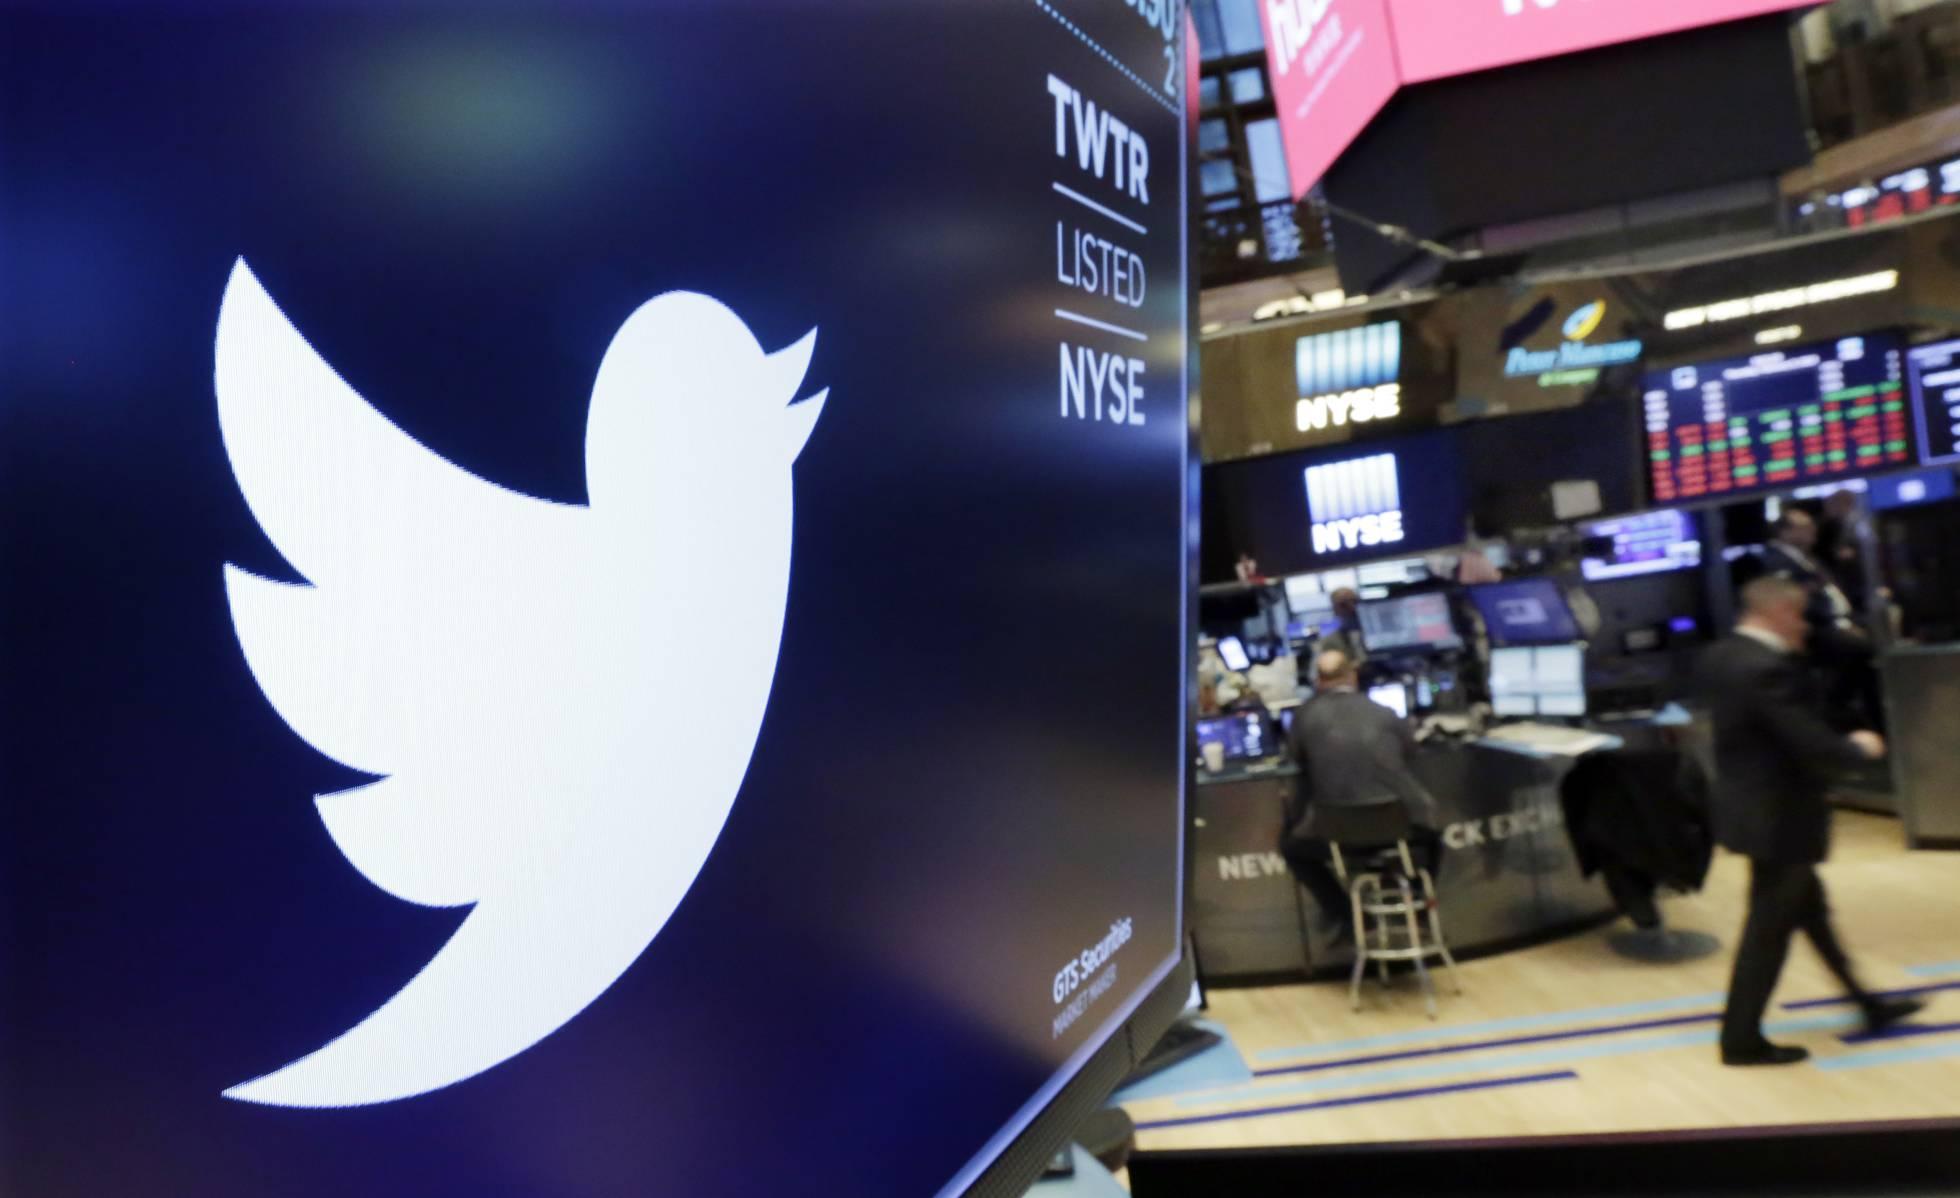 Twitter registra beneficios por primera vez en 2018 y gana más de mil millones de dólares